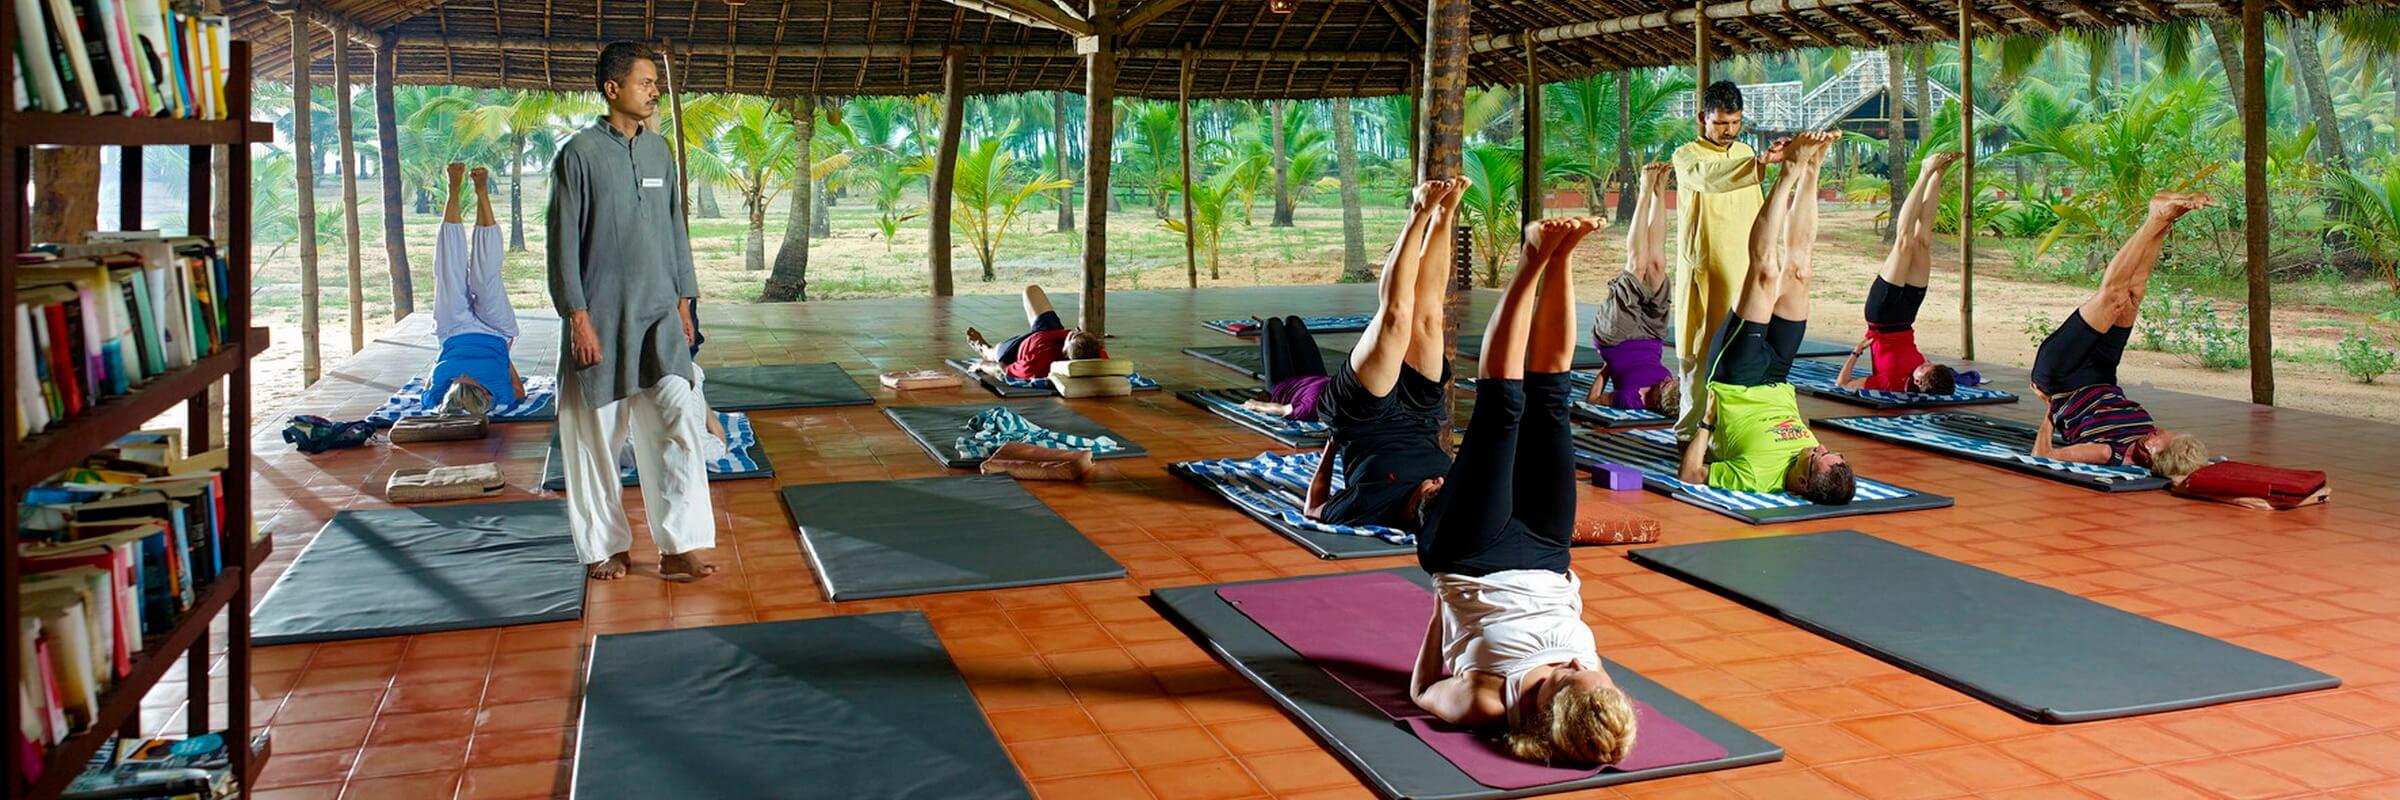 Ein Schwerpunkt des Nattika Beach Resorts liegt bei Yogaprogrammen unter professioneller Leitung.